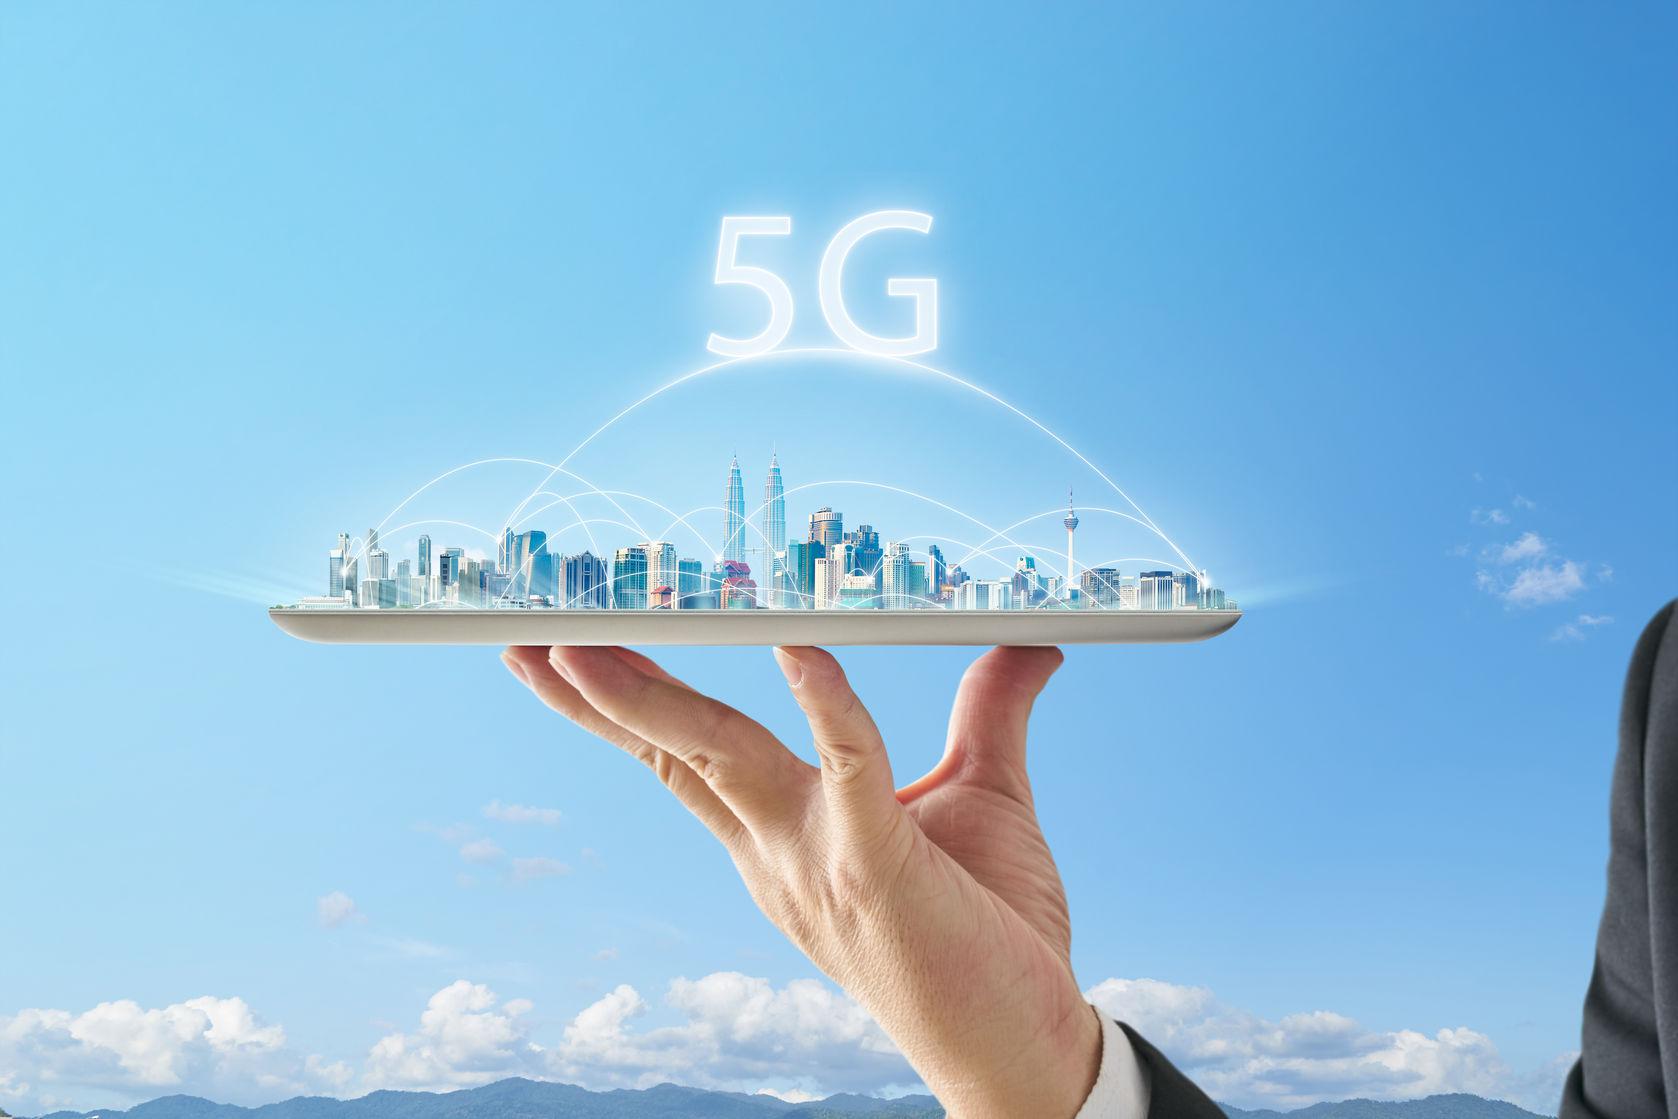 沪电股份接受6家机构调研 将确保满足5G客户需求